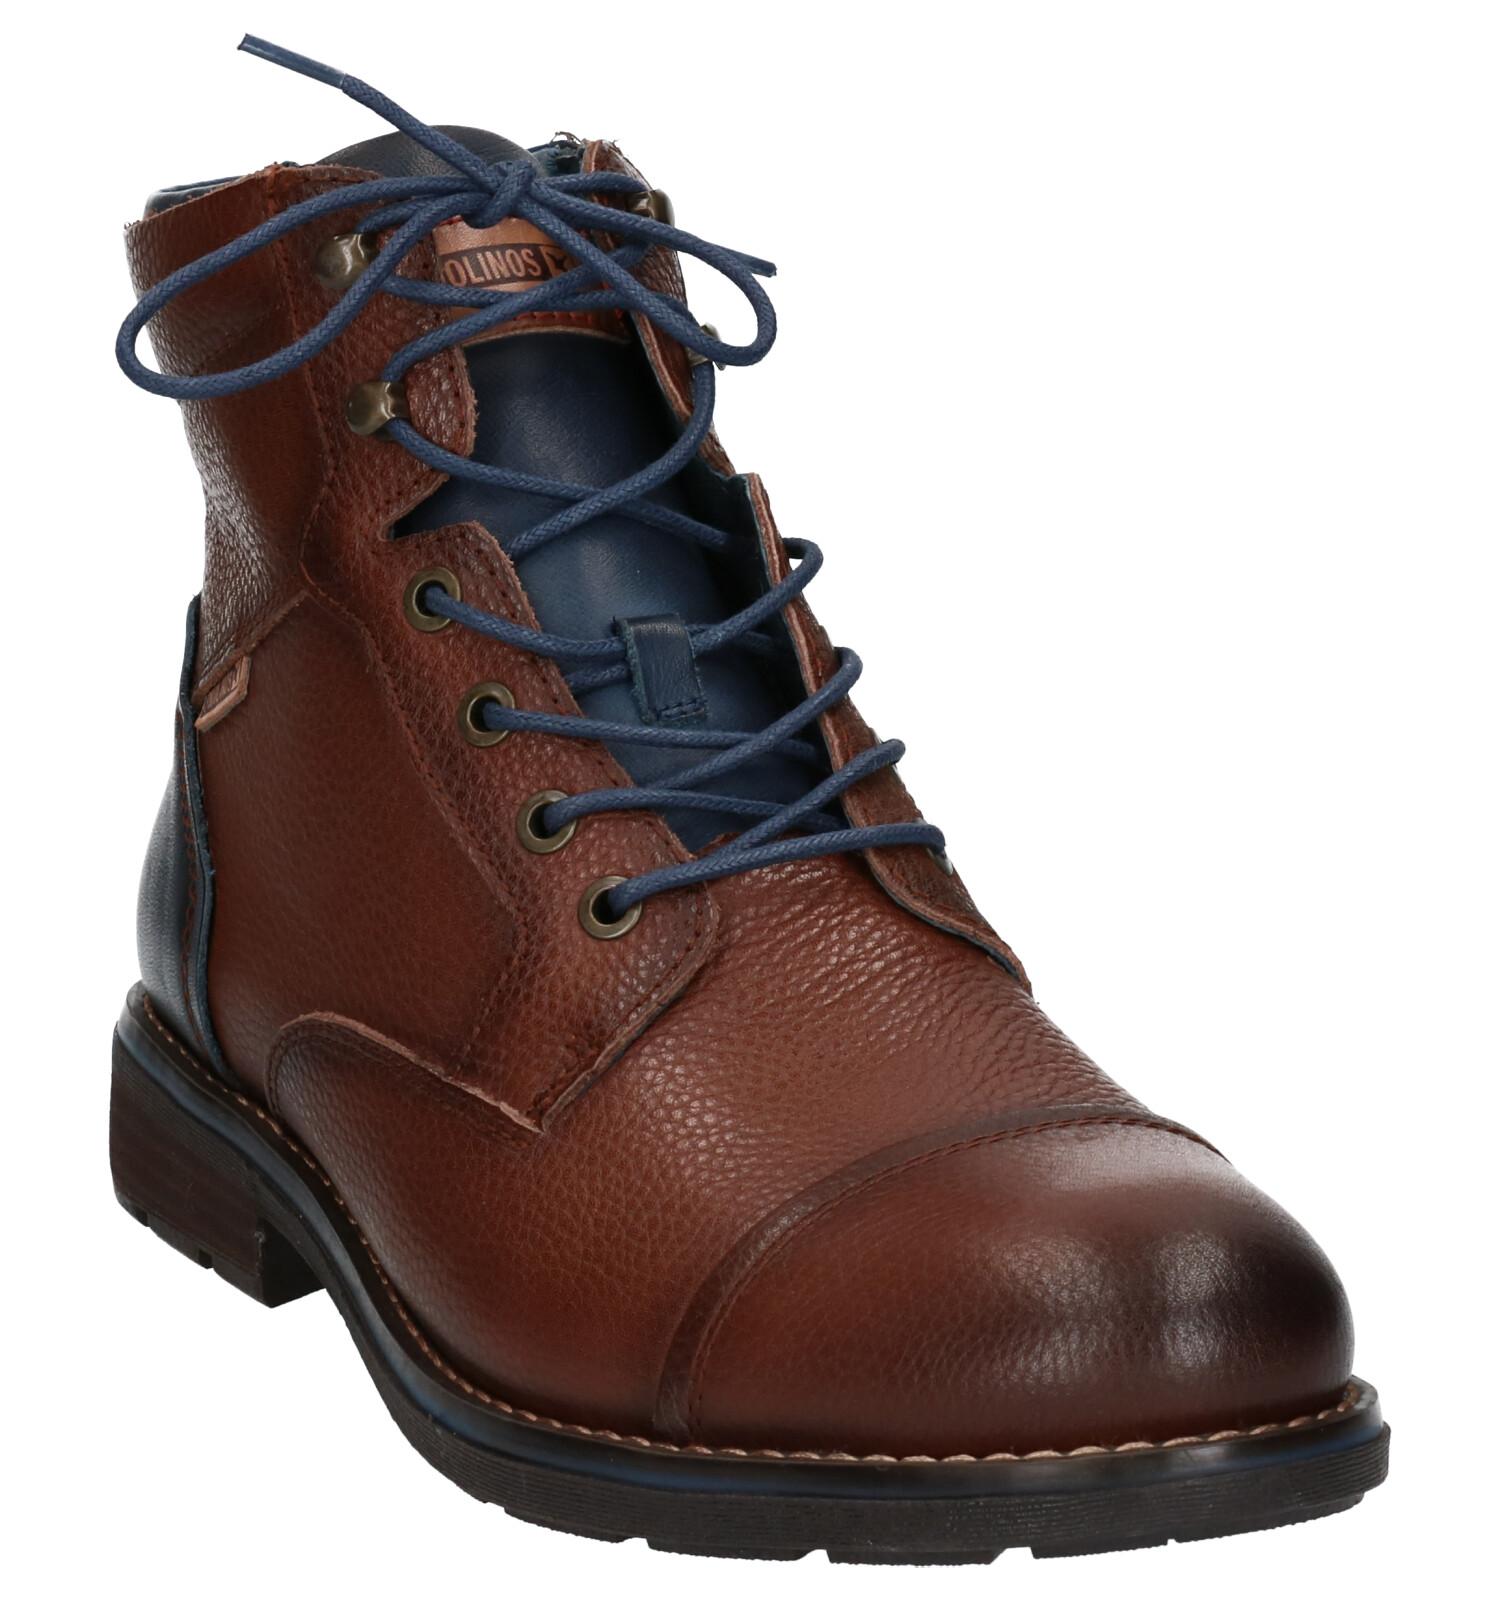 Bruine Pikolinos York York Pikolinos Bruine Boots dCBxoerW